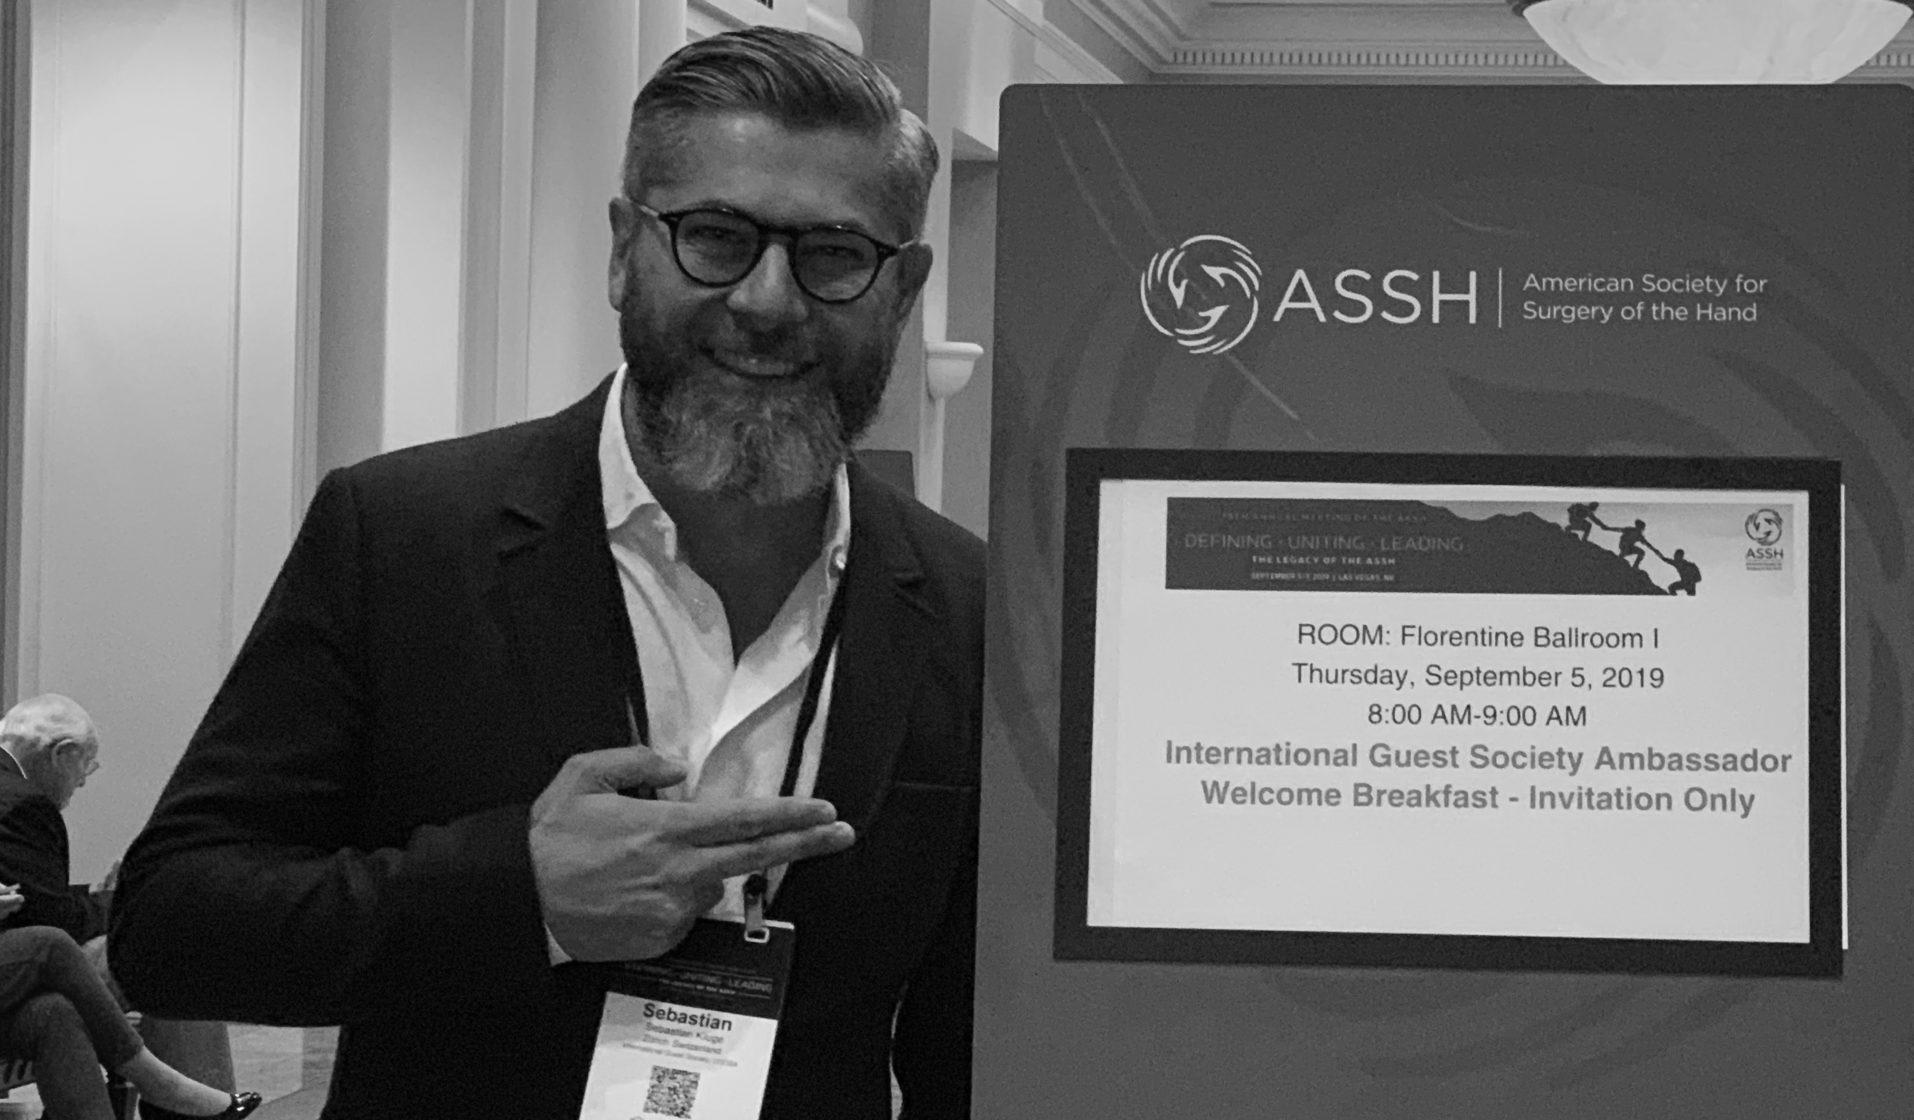 Handchirurgie Seefeld, Sebastian Kluge, Ultraschall, Sonografie, Ultraschalldiagnostik Hand, ASSH 2019